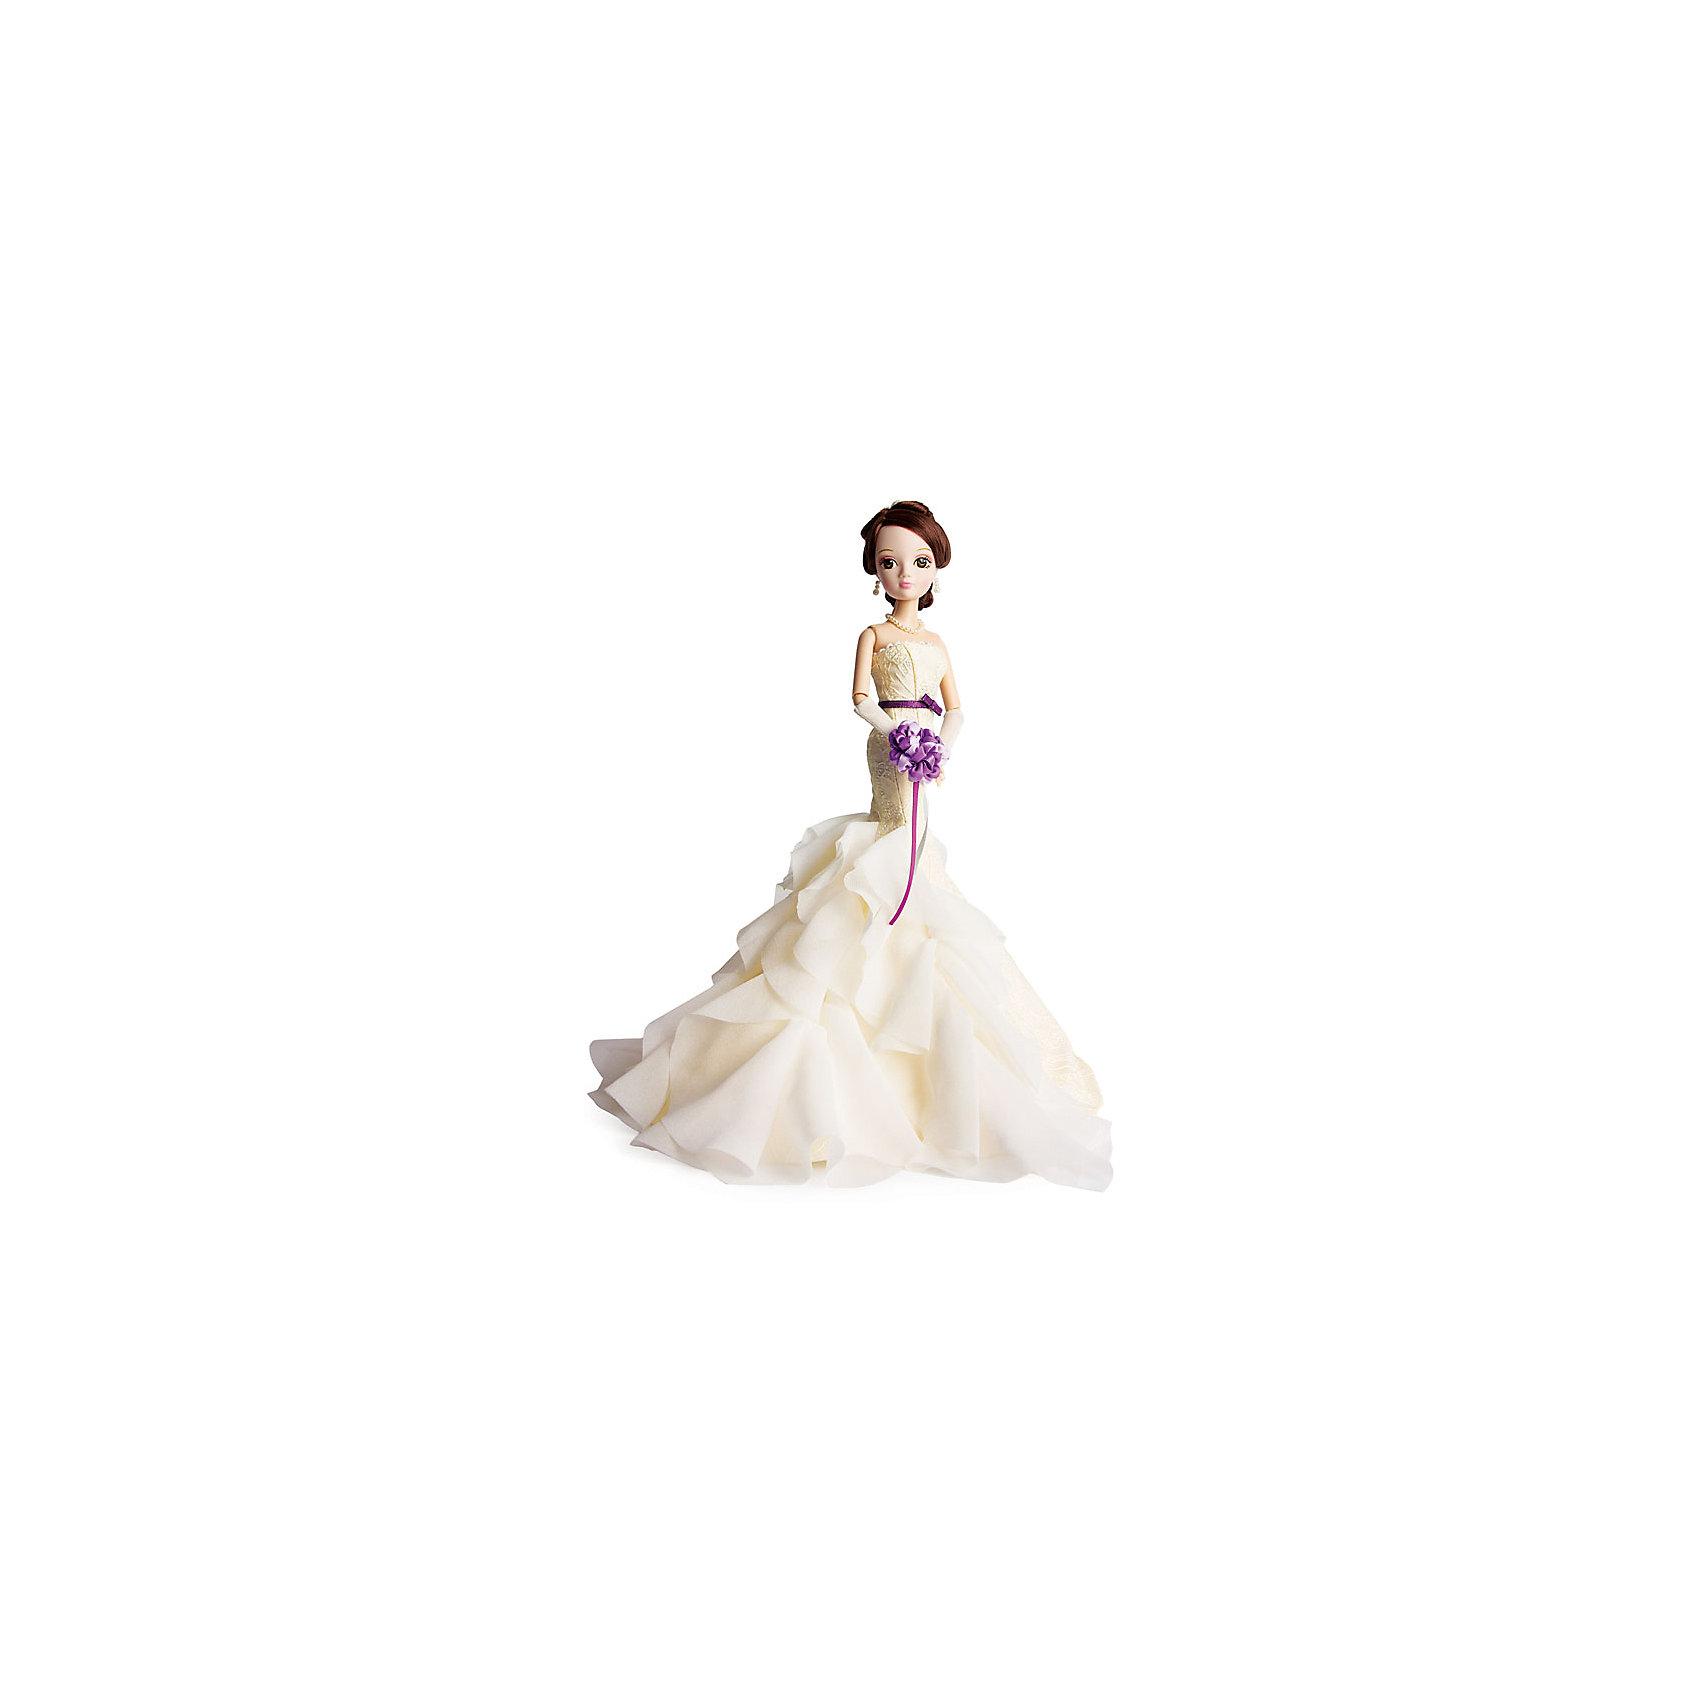 Кукла Шарли, серия Золотая коллекция, Sonya RoseБренды кукол<br>Характеристики товара:<br><br>- цвет: разноцветный;<br>- материал: пластик, текстиль;<br>- особенности: подвижные руки и ноги, голова;<br>- размер упаковки: 23х32х7 см;<br>- комплектация: кукла, одежда, аксессуары;<br>- размер куклы: 27 см.<br><br>Такие красивые куклы не оставят ребенка равнодушным! Какая девочка откажется поиграть с куклой в прекрасном дизайнерском вечернем платье ручной работы?! Игрушка хорошо детализирована, очень качественно выполнена, поэтому она станет отличным подарком ребенку. В наборе идут одежда и аксессуары, которые можно снять! Кукла продается в нарядной подарочной упаковке.<br>При играх с куклами у детей активизируется мышление, воображение, развиваются творческие способности, нарабатываются варианты социального взаимодействия, дети учатся заботиться о других. Изделие произведено из высококачественного материала, безопасного для детей.<br><br>Куклу Шарли, серия Золотая коллекция, от бренда Sonya Rose можно купить в нашем интернет-магазине.<br><br>Ширина мм: 170<br>Глубина мм: 340<br>Высота мм: 70<br>Вес г: 345<br>Возраст от месяцев: 36<br>Возраст до месяцев: 2147483647<br>Пол: Женский<br>Возраст: Детский<br>SKU: 5079164